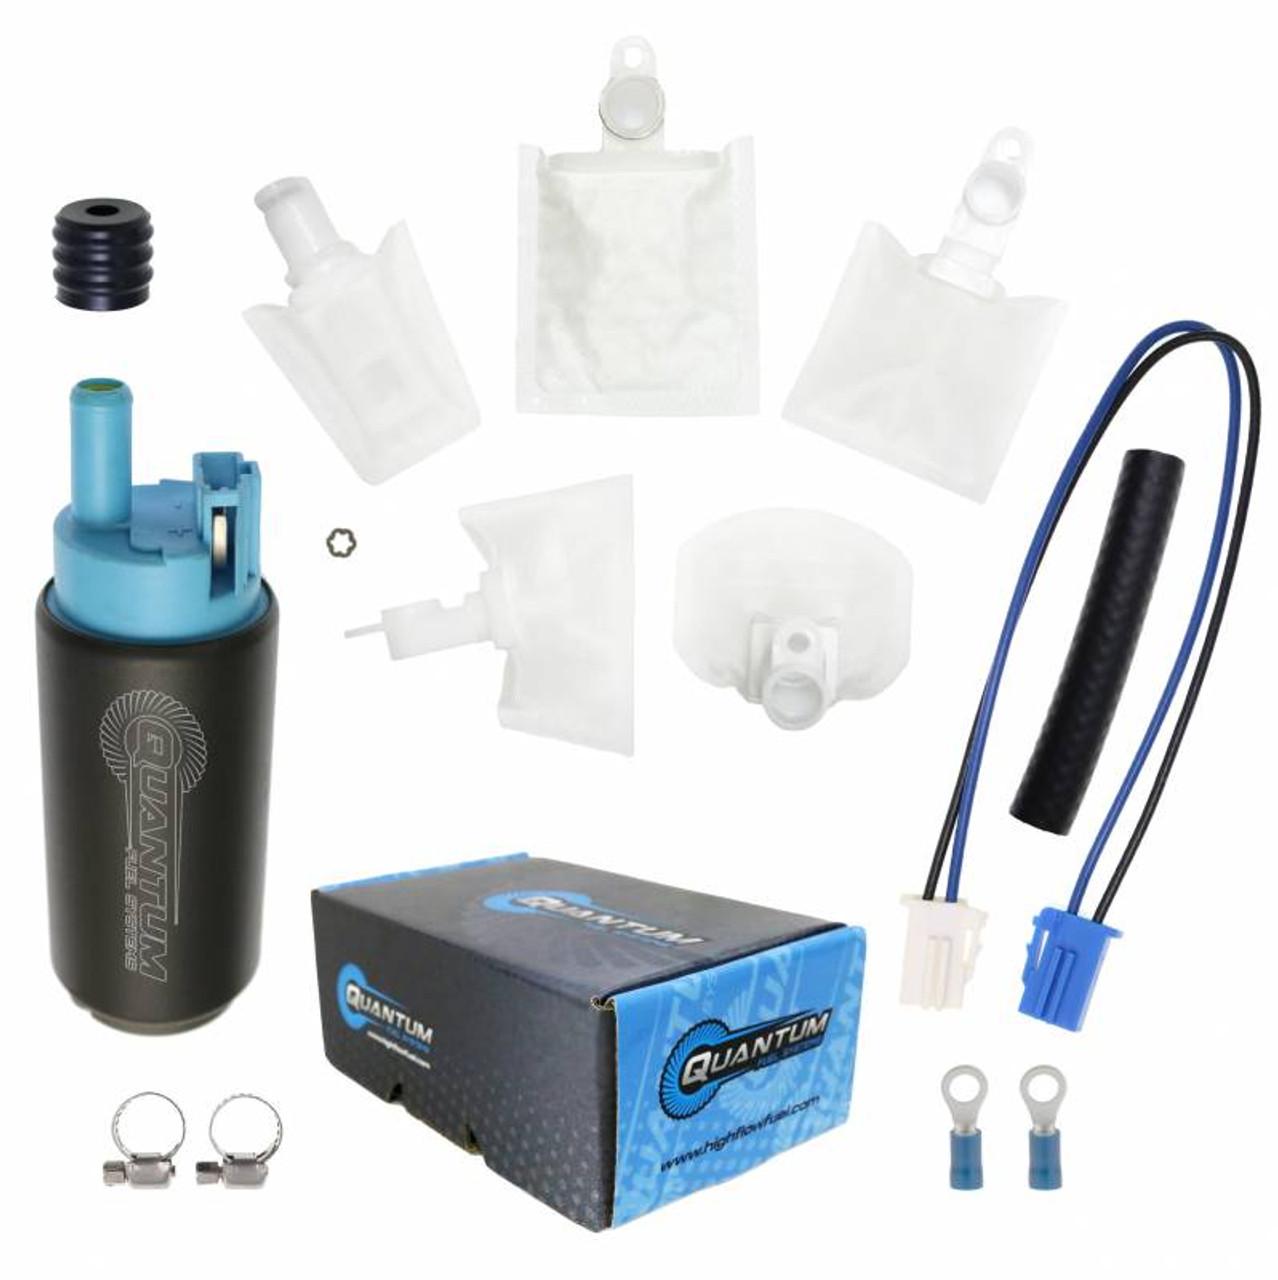 Quantum Replacement Fuel Pump